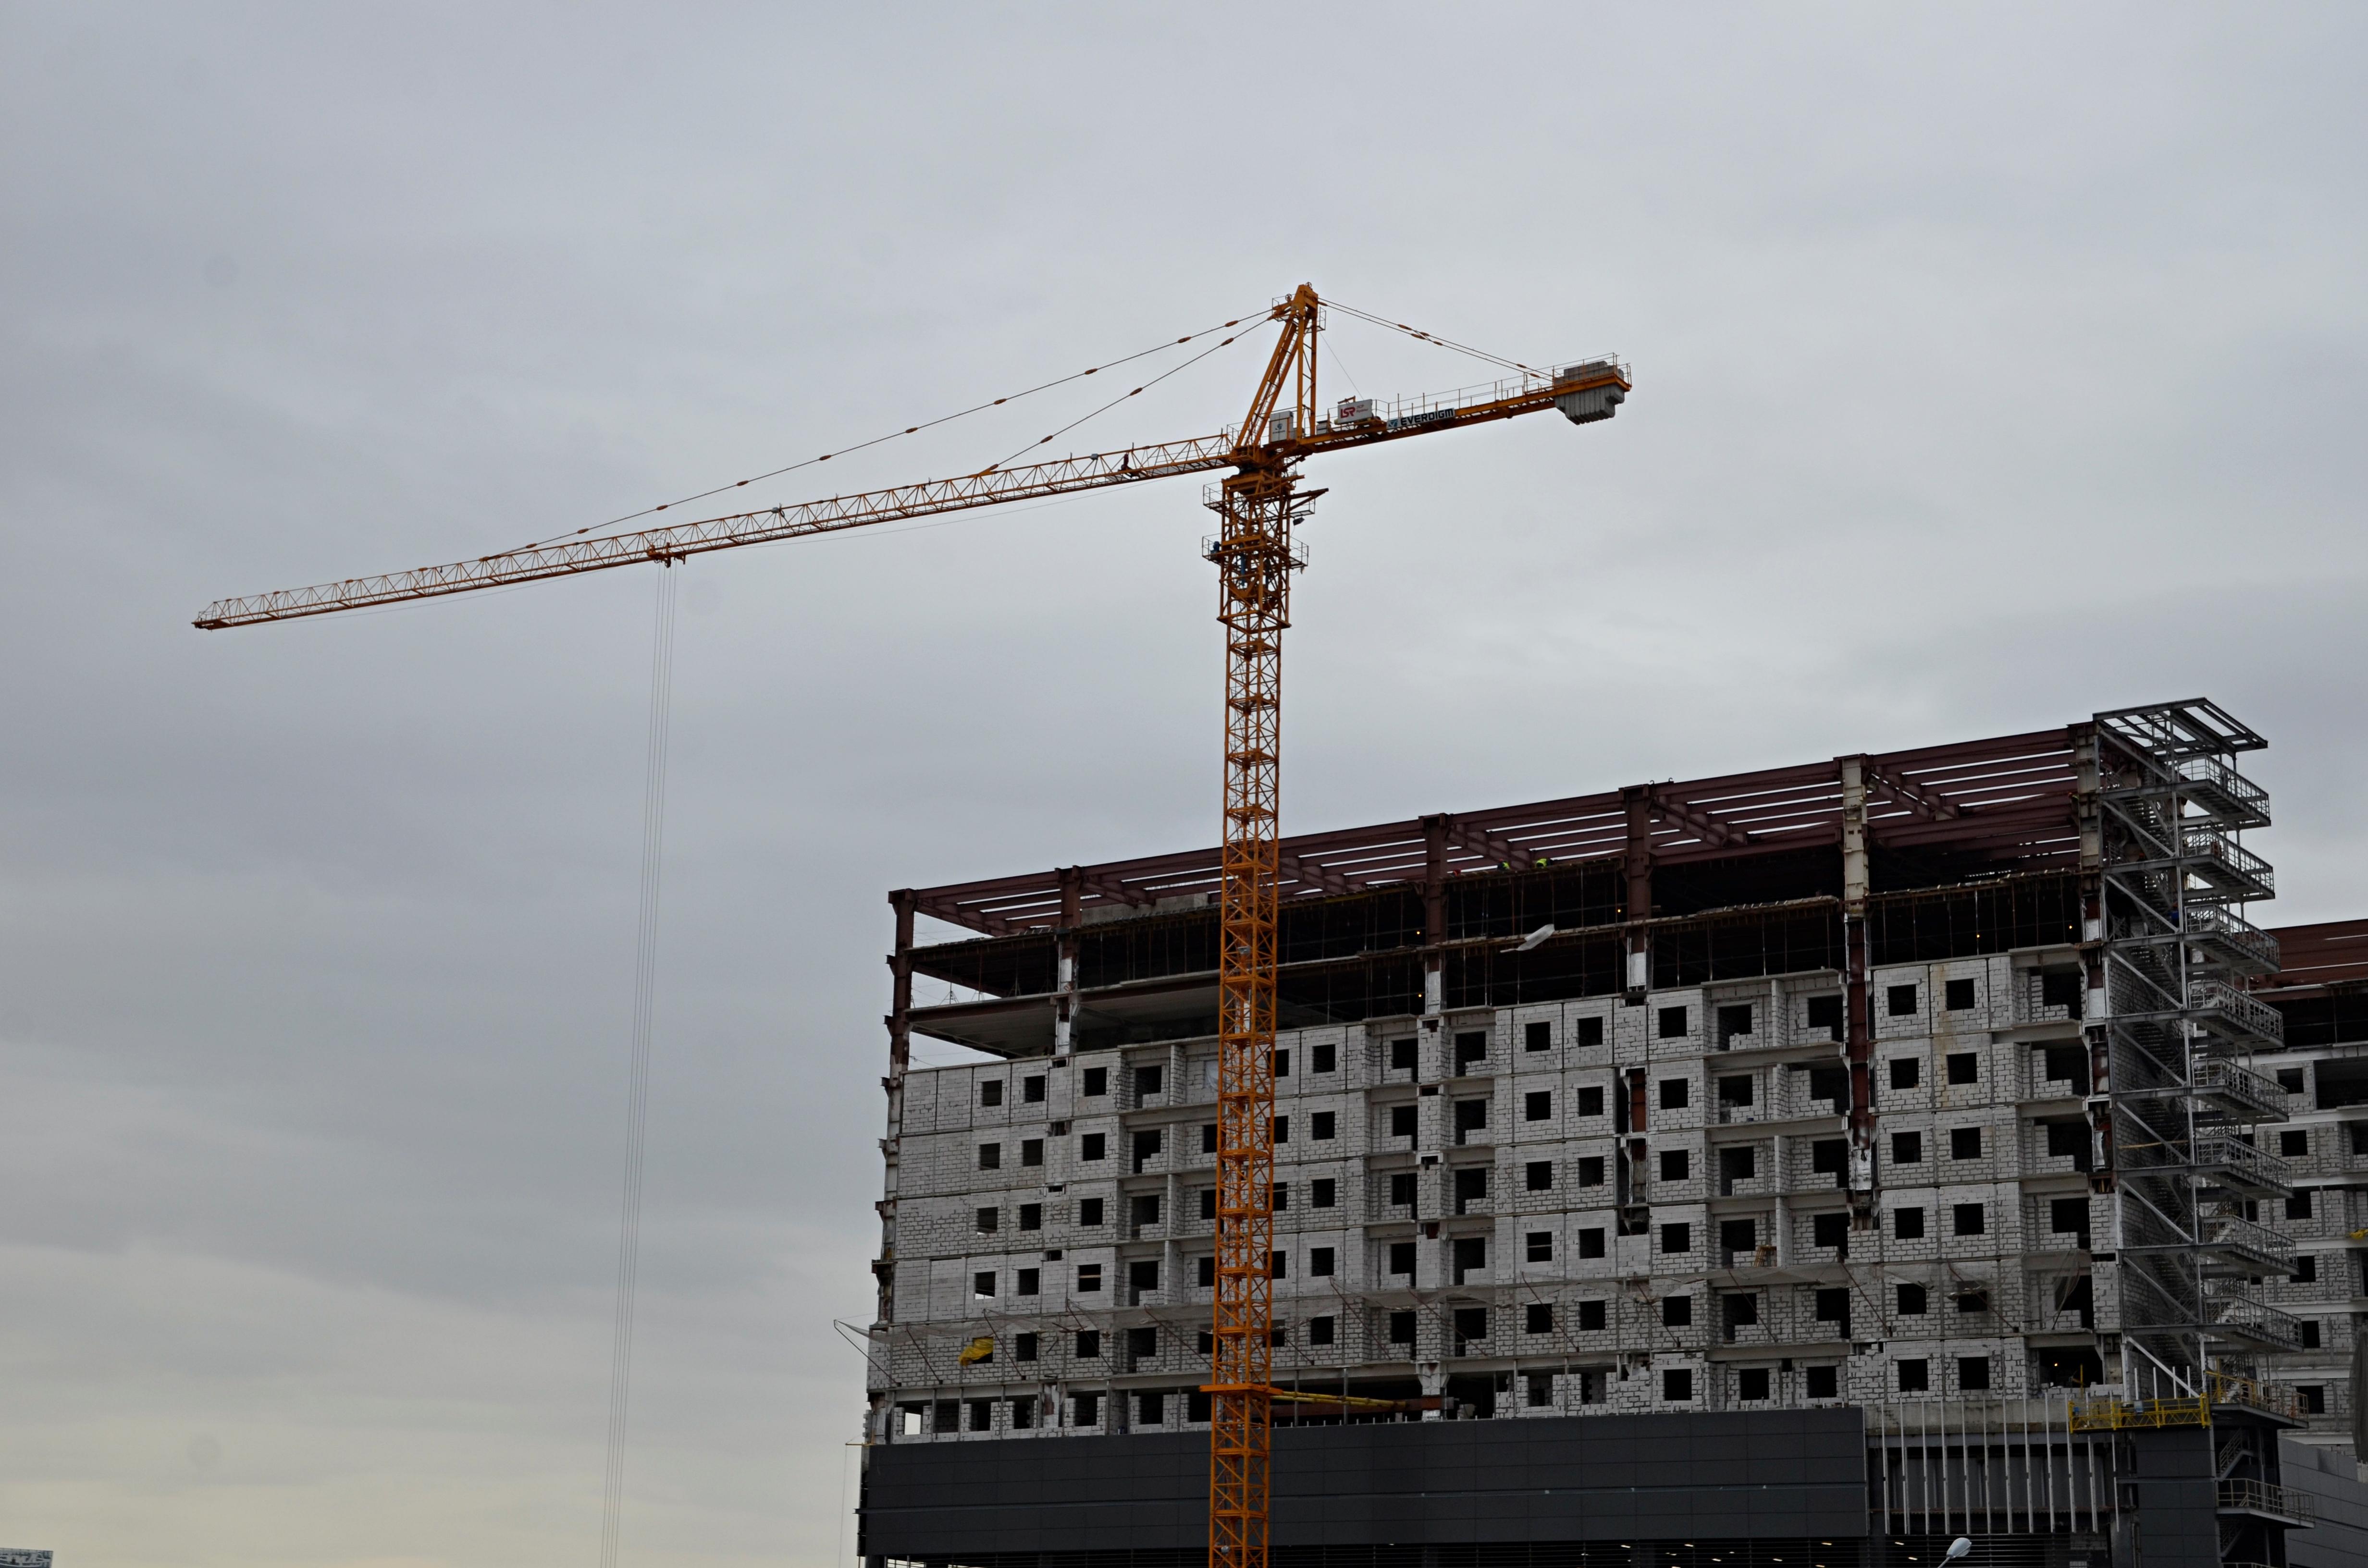 Депутат МГД Медведев: На месте бывших промзон создаются комплексно спроектированные районы